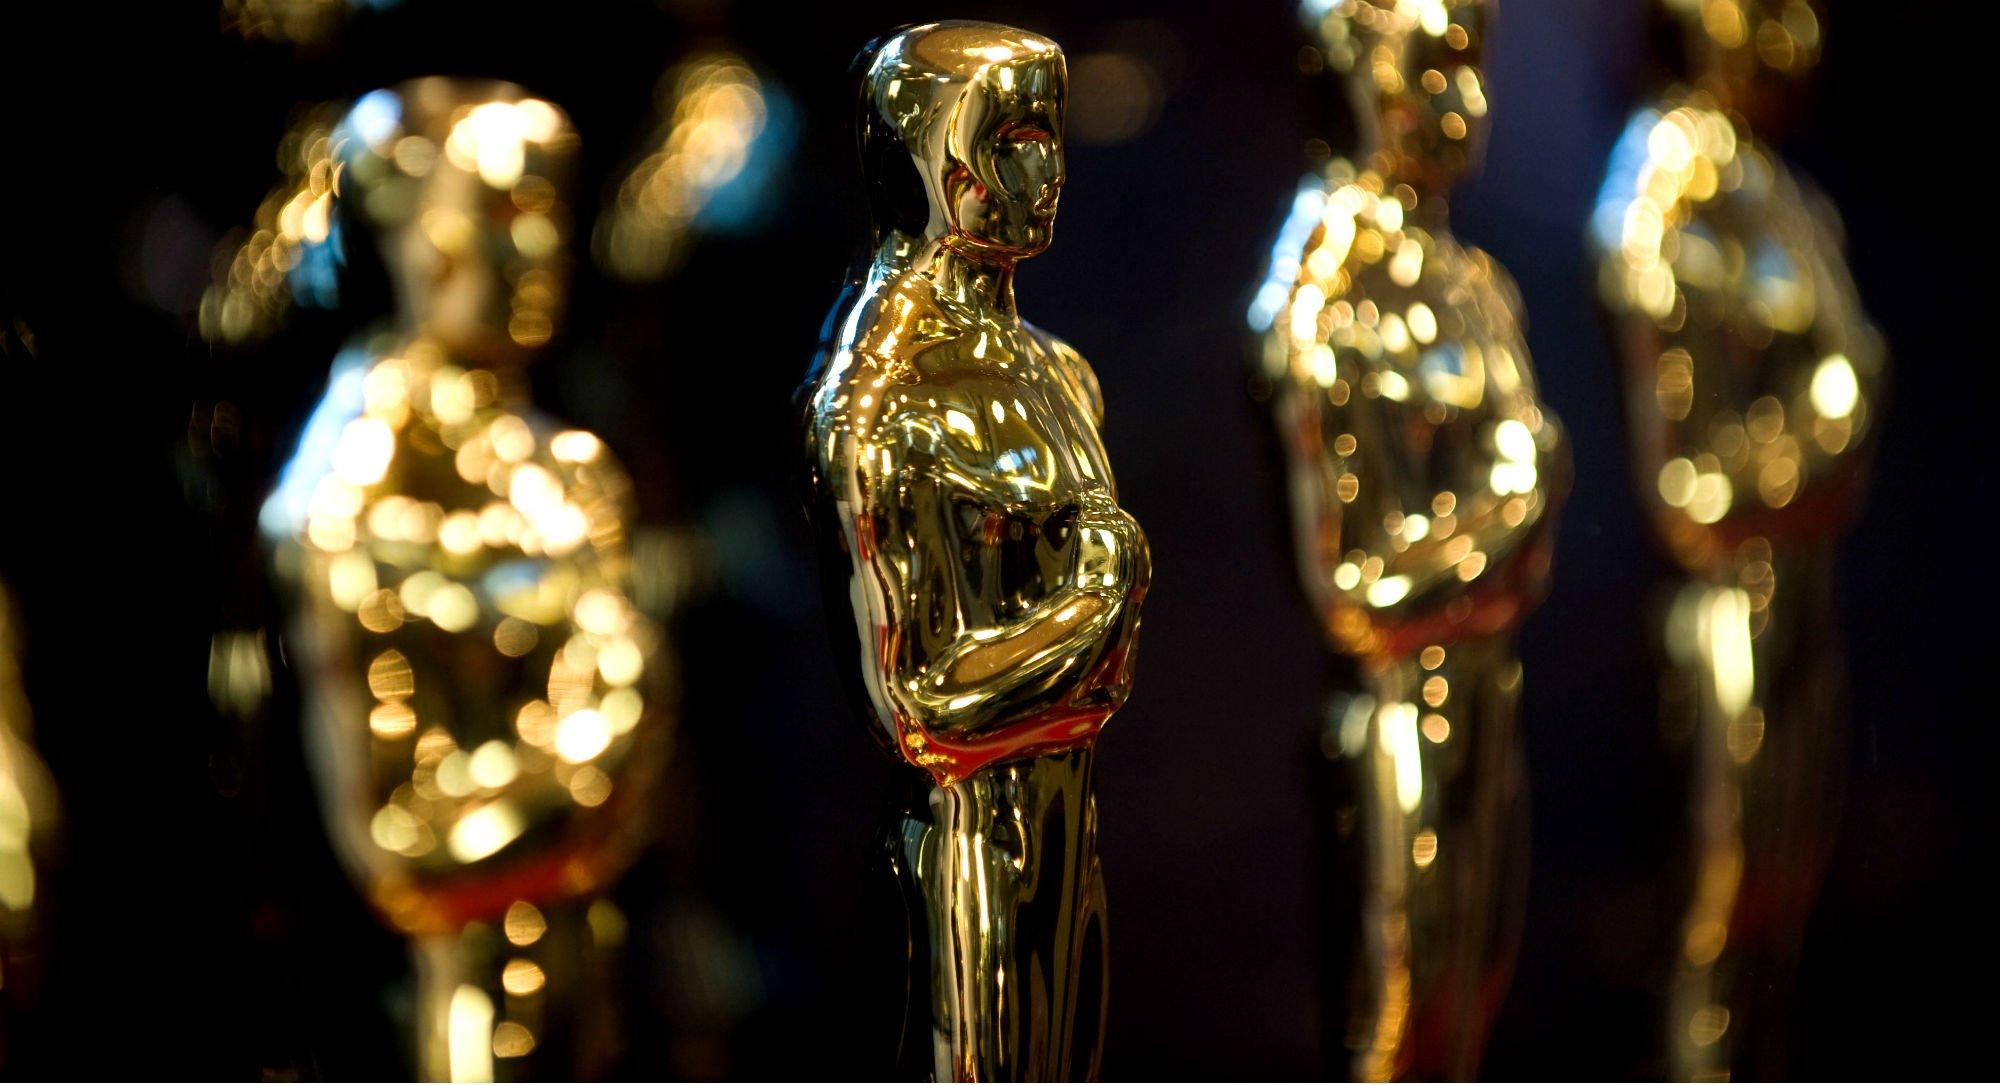 премия оскар история премии оскар 86 церемония награждения финалисты победители disgusting men